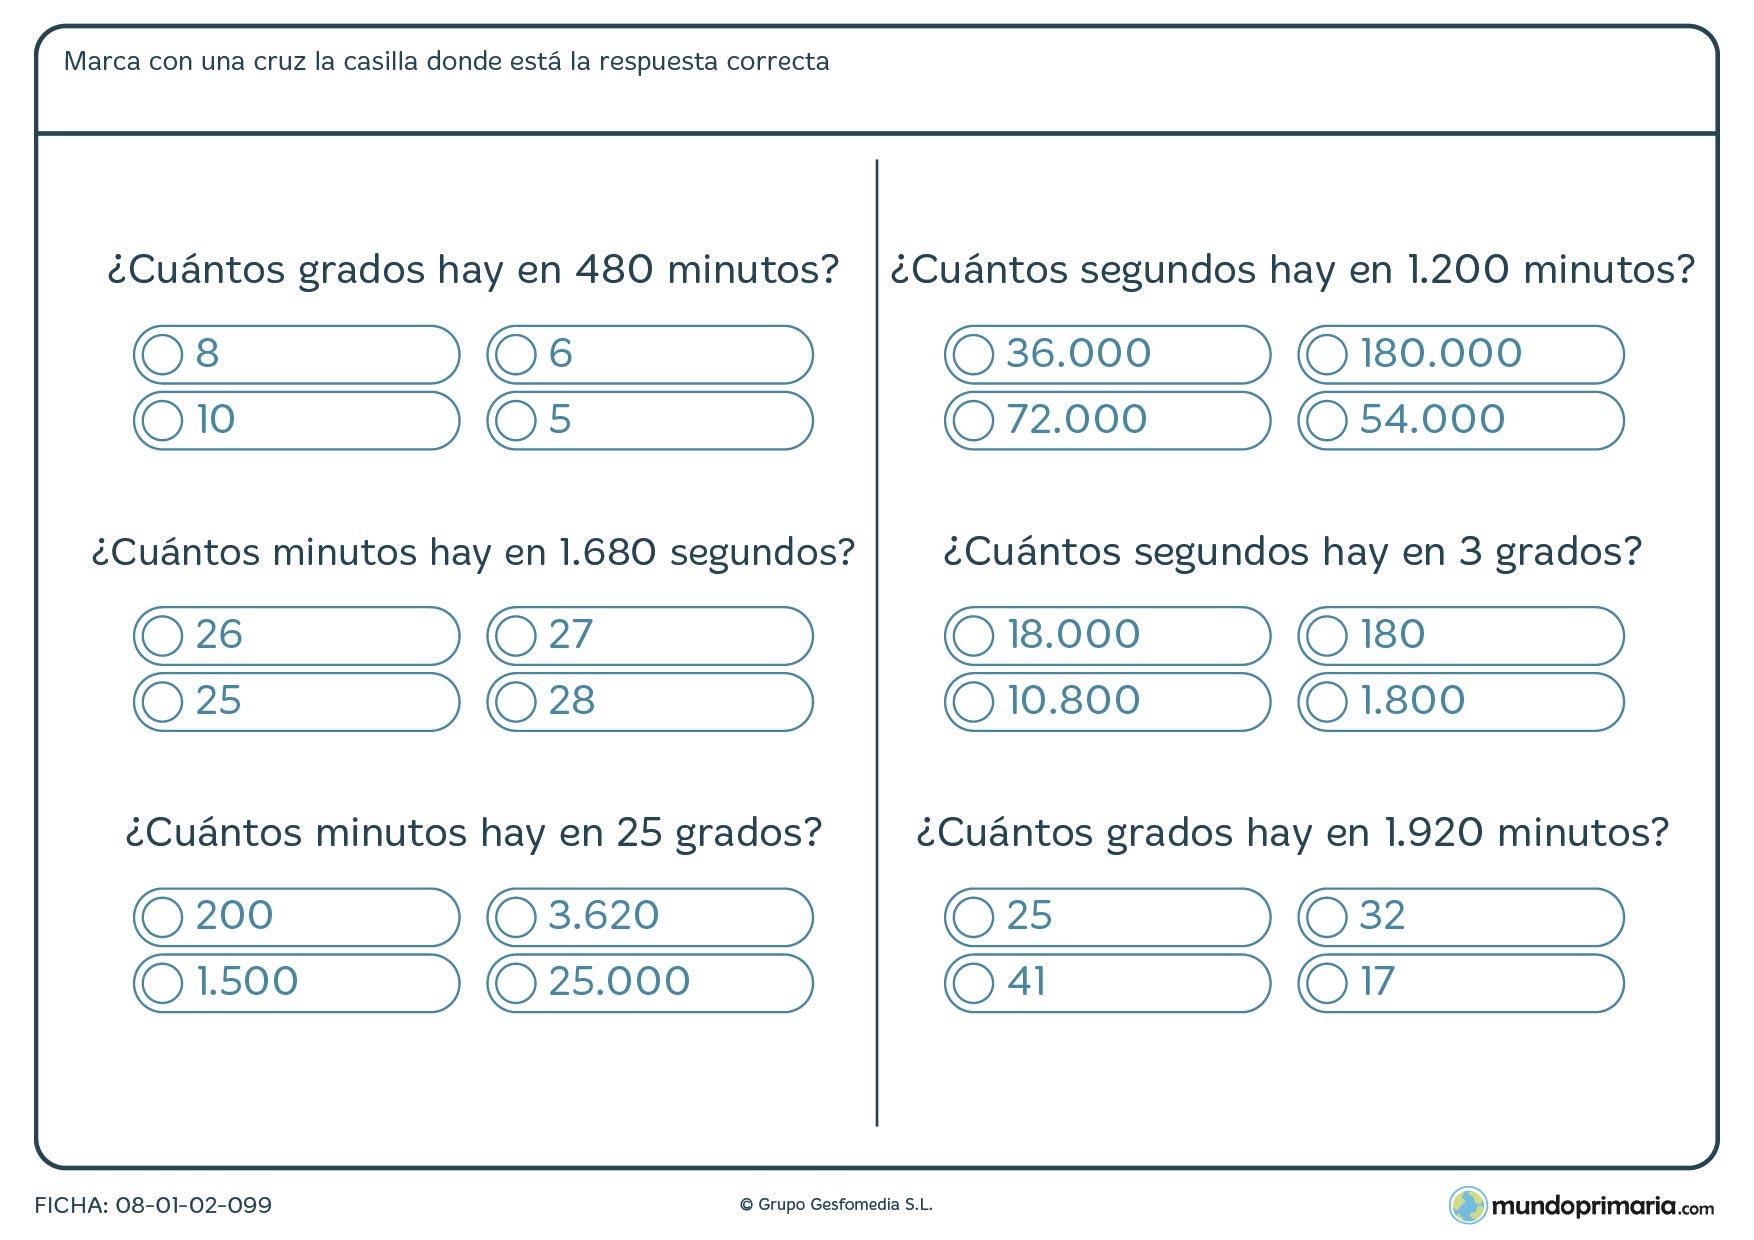 Ficha de grados a segundos y a minutos en esta ficha de cálculo de ángulos.